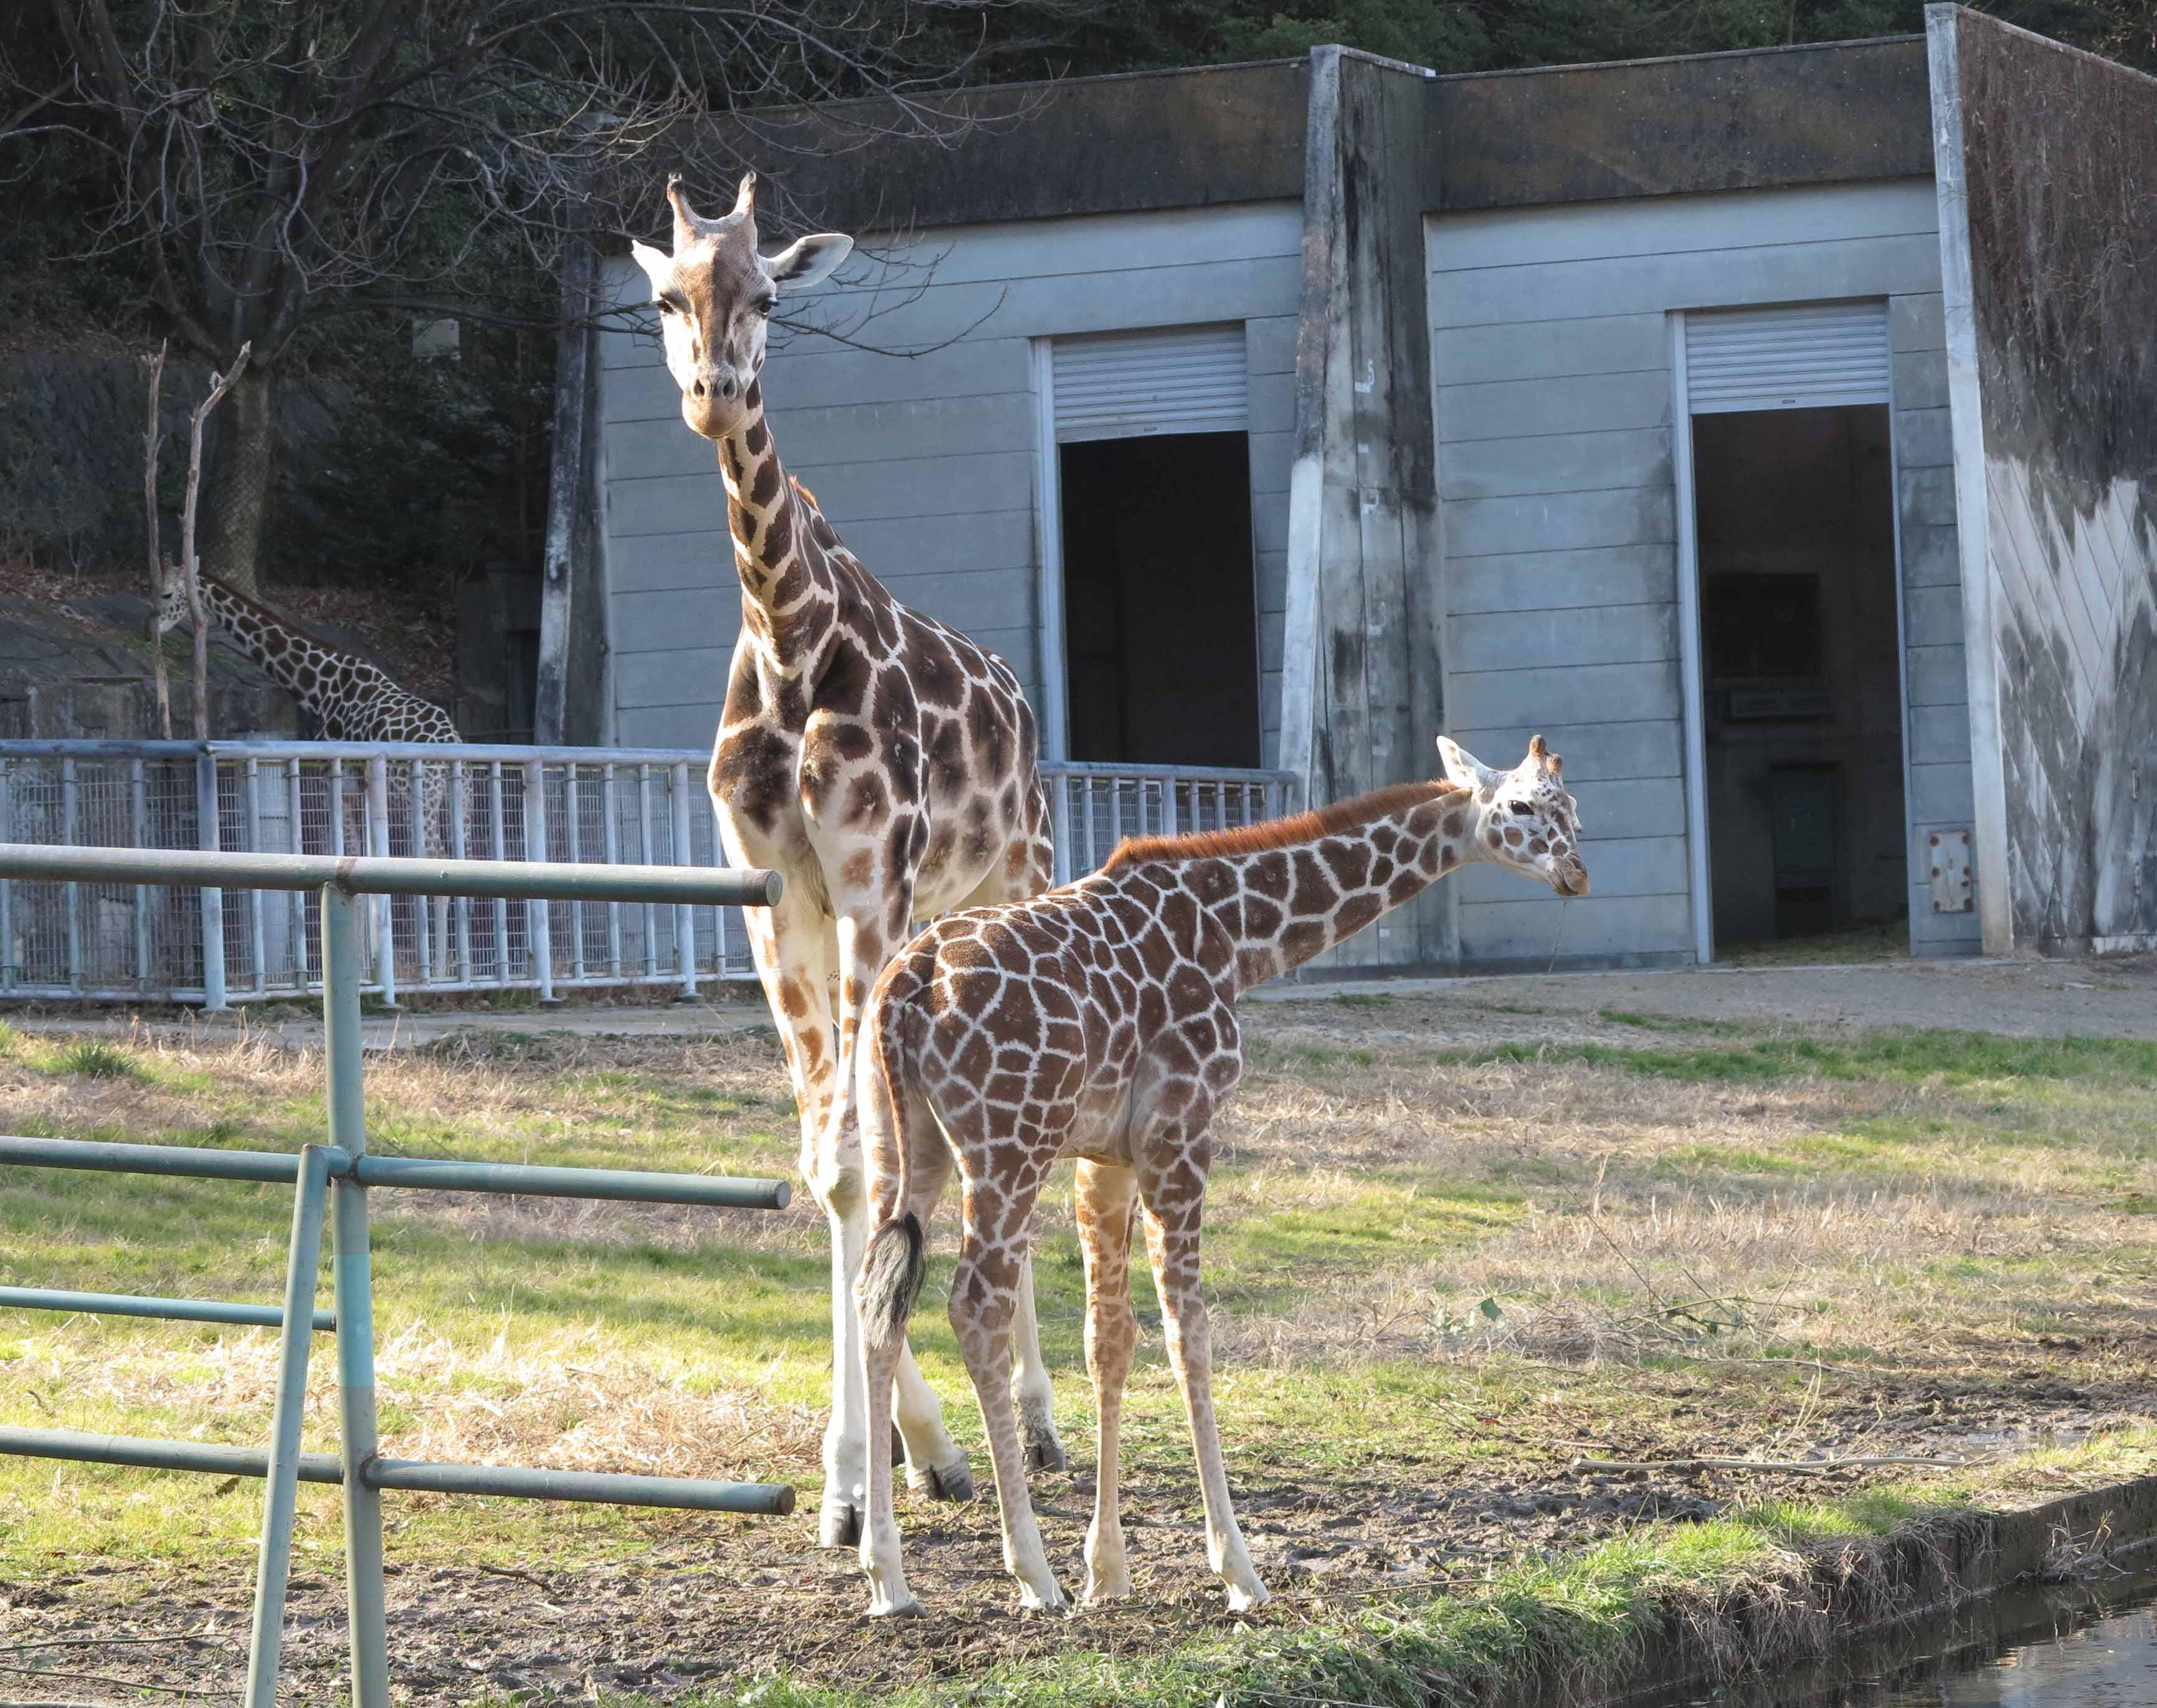 東山動植物園公開講座「アミメキリン『ジュラ』の誕生から旅立ちまで」を開催します